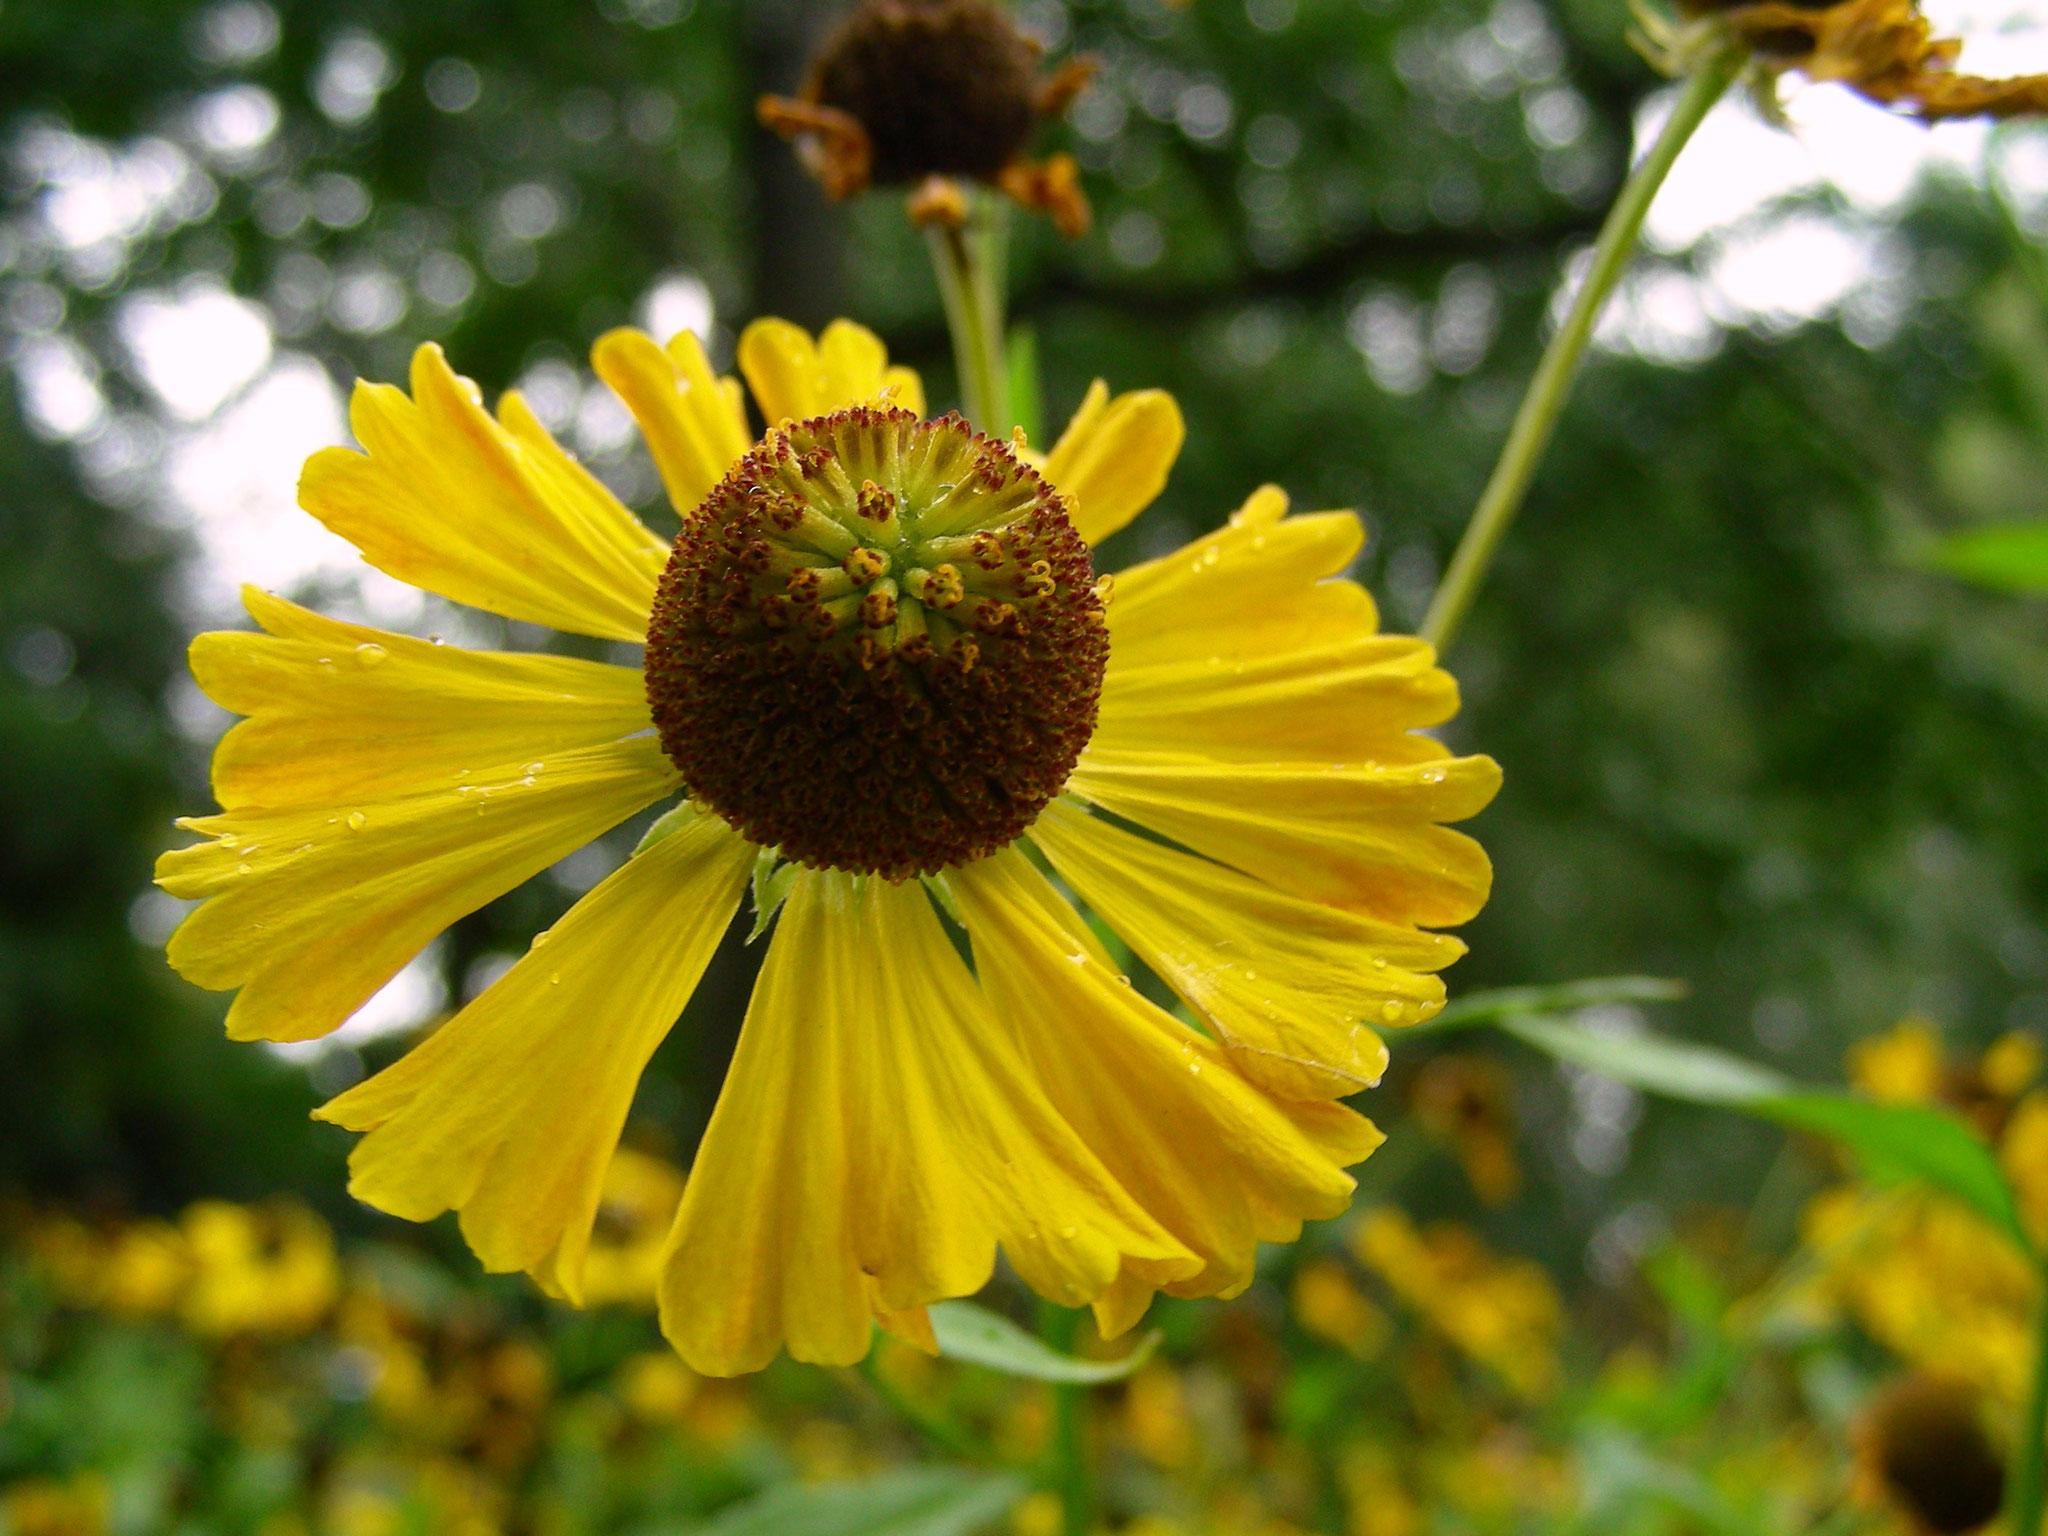 Helenium autumnale - Gewöhnliche Sonnenbraut, Blüte, Seitenansicht  © Mag. Angelika Ficenc